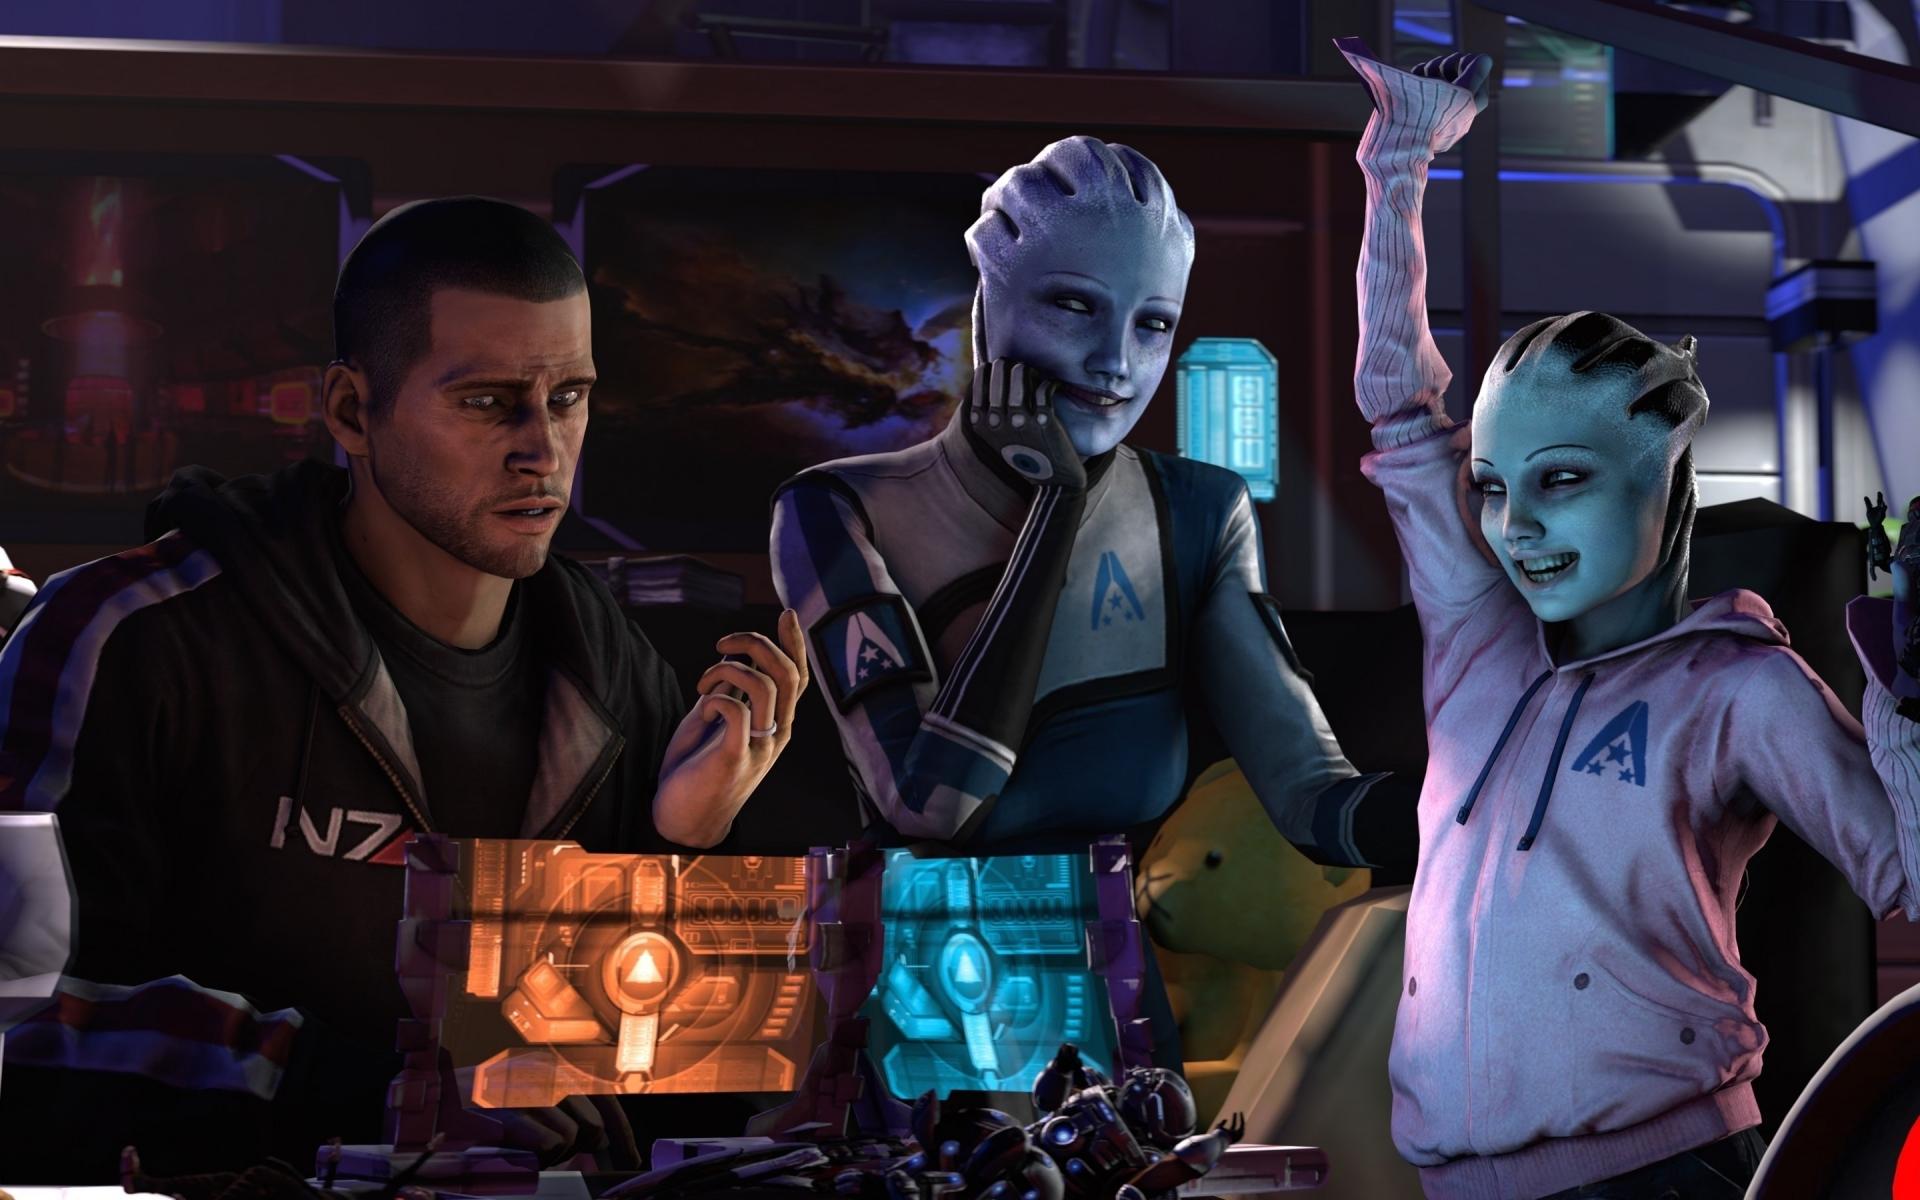 71 Mass Effect Hd Wallpaper On Wallpapersafari